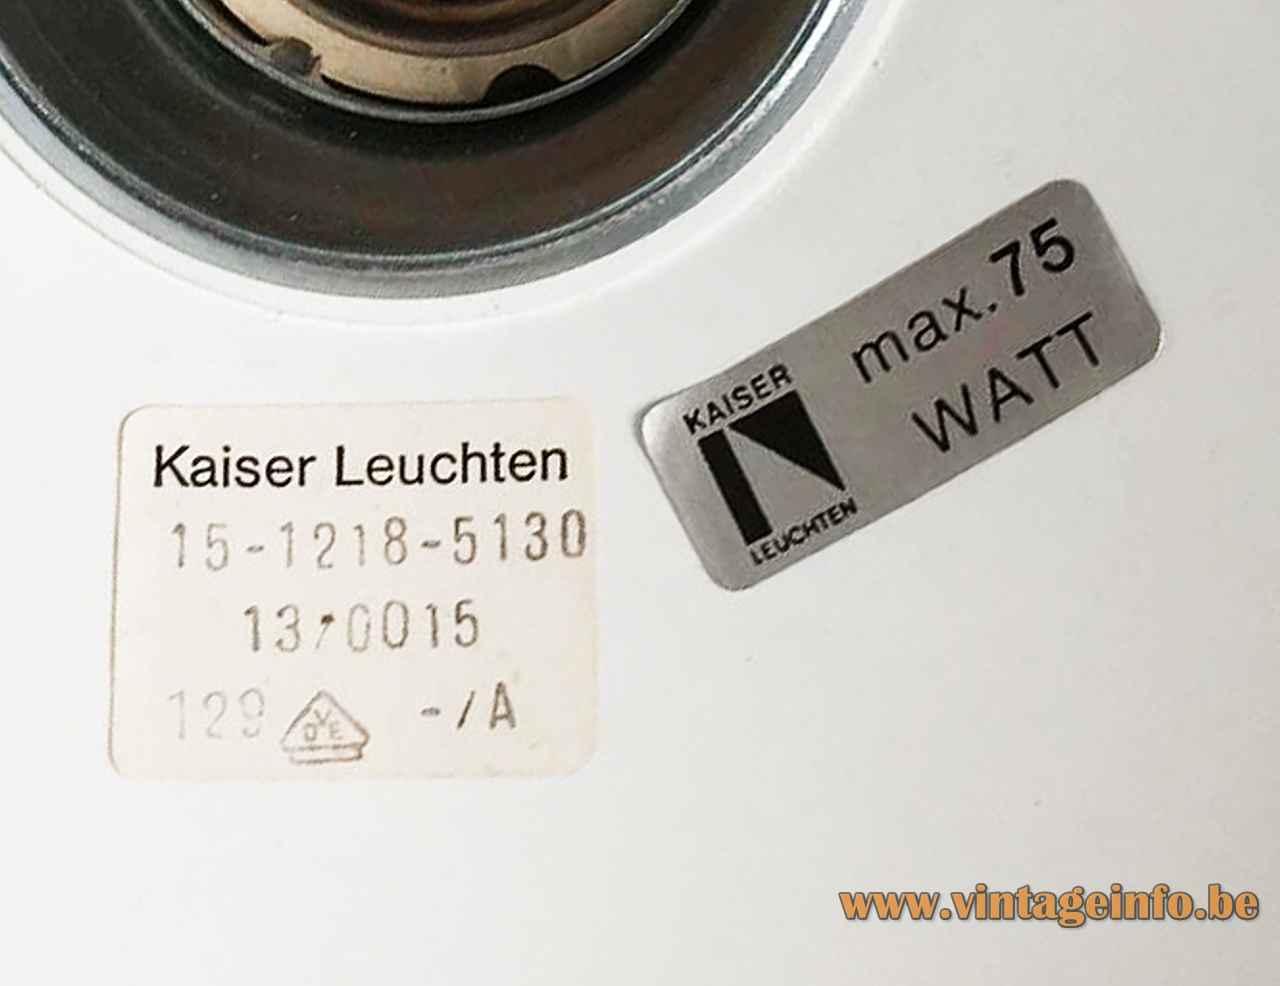 Kaiser Leuchten desk lamp 6857 white paper label 15-1218-5130 max 75 watt 1960s 1970s Germany